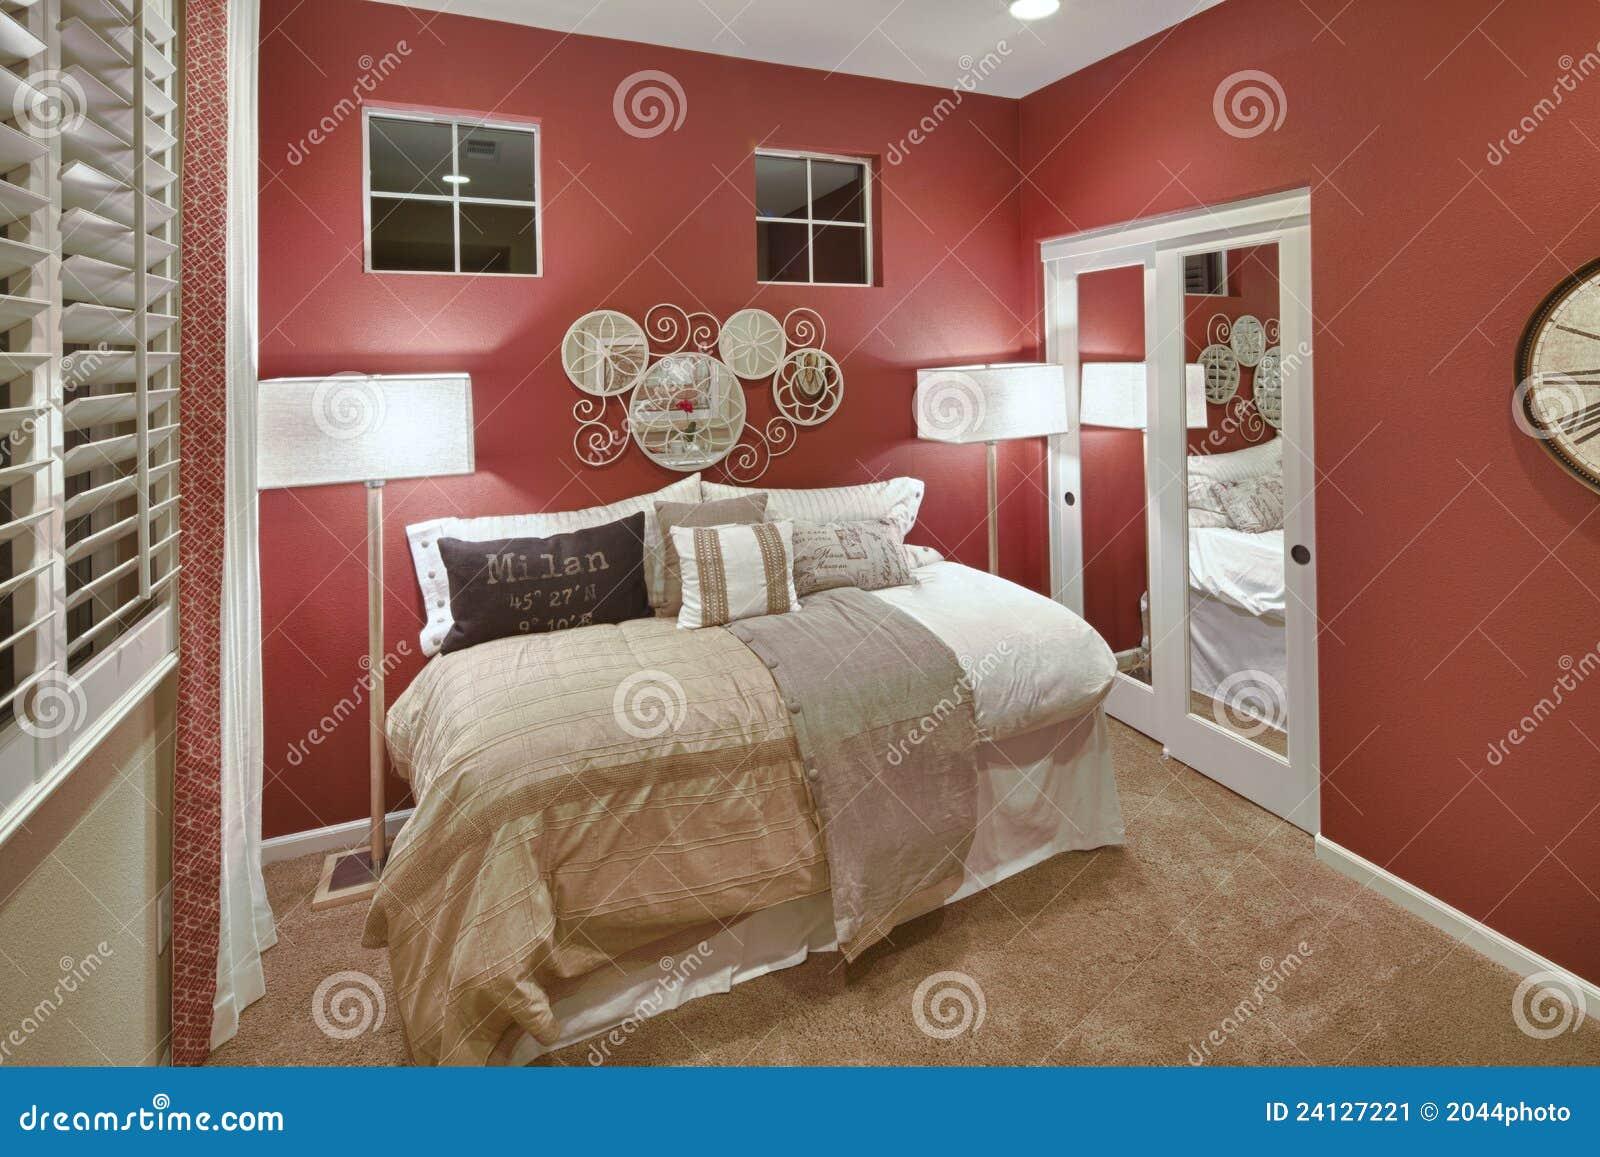 Camera Da Letto Della Casa Di Modello - Colore Rosso & Bianco Immagine Stock - Immagine: 24127221